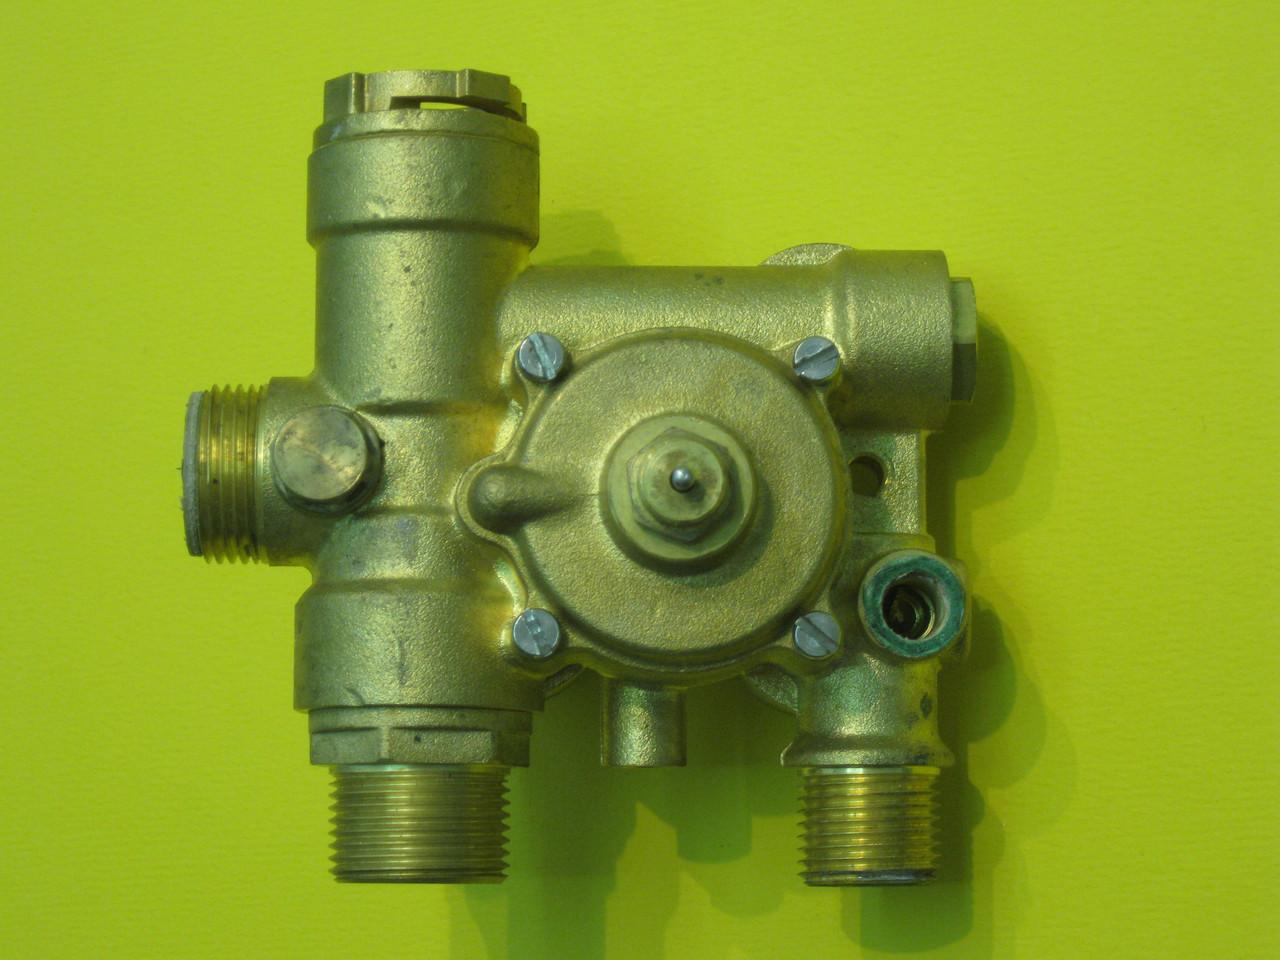 Гидрогруппа выхода воды (трехходовой клапан) Fugas CB11030010 Zoom Boilers, Rens, Weller